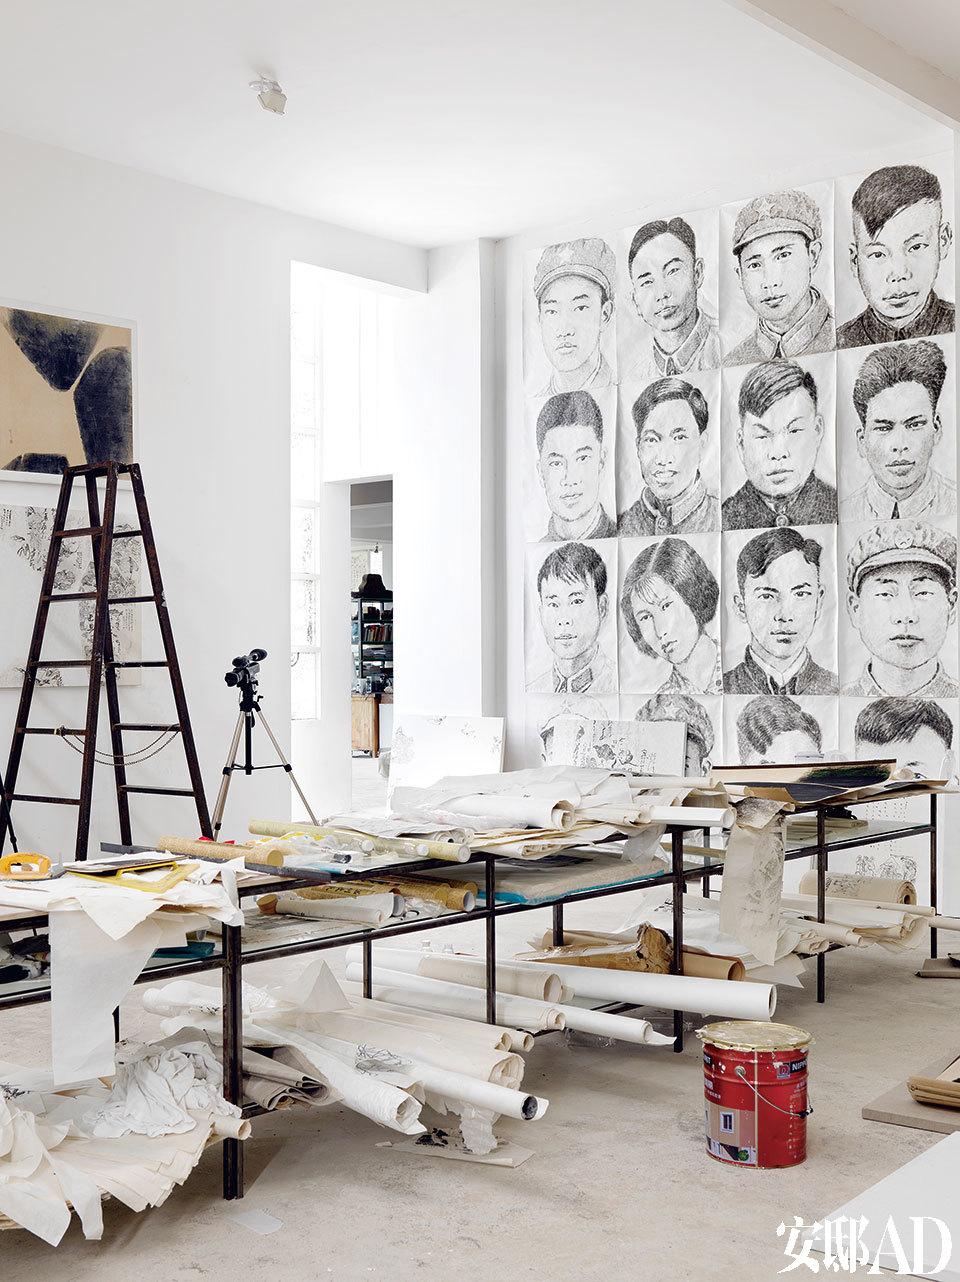 二楼工作室,右墙上是韩湘宁自2006年开始创作的水墨人像《60青年》,左墙上是韩湘宁上世纪60年代的抽象画,目前正与女儿韩仪的画重新组合。